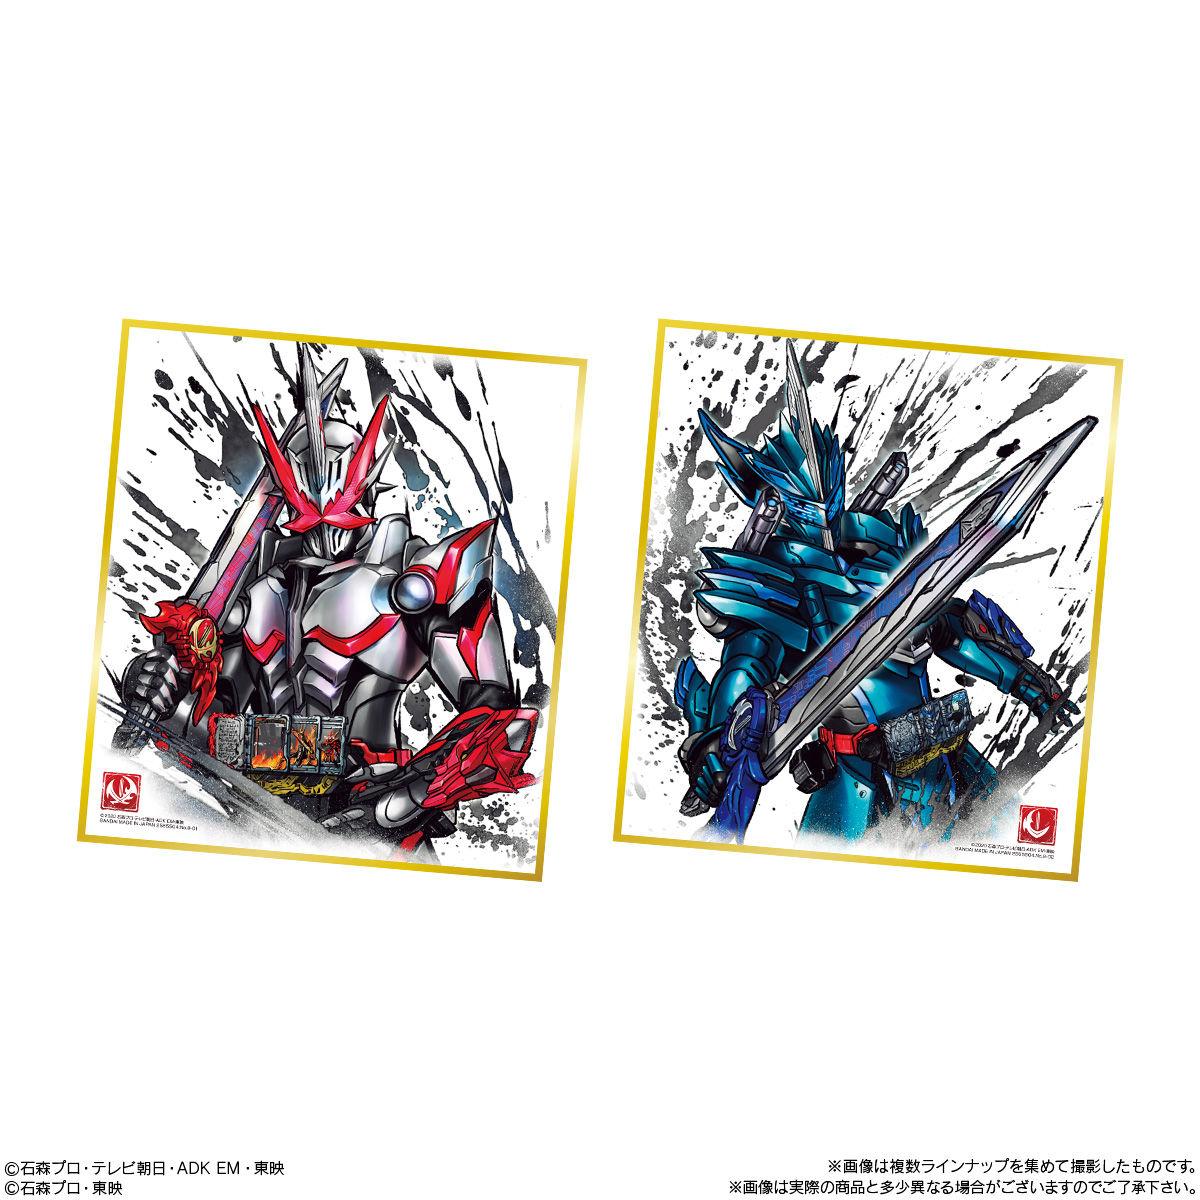 【食玩】『仮面ライダー 色紙ART8』10個入りBOX-002